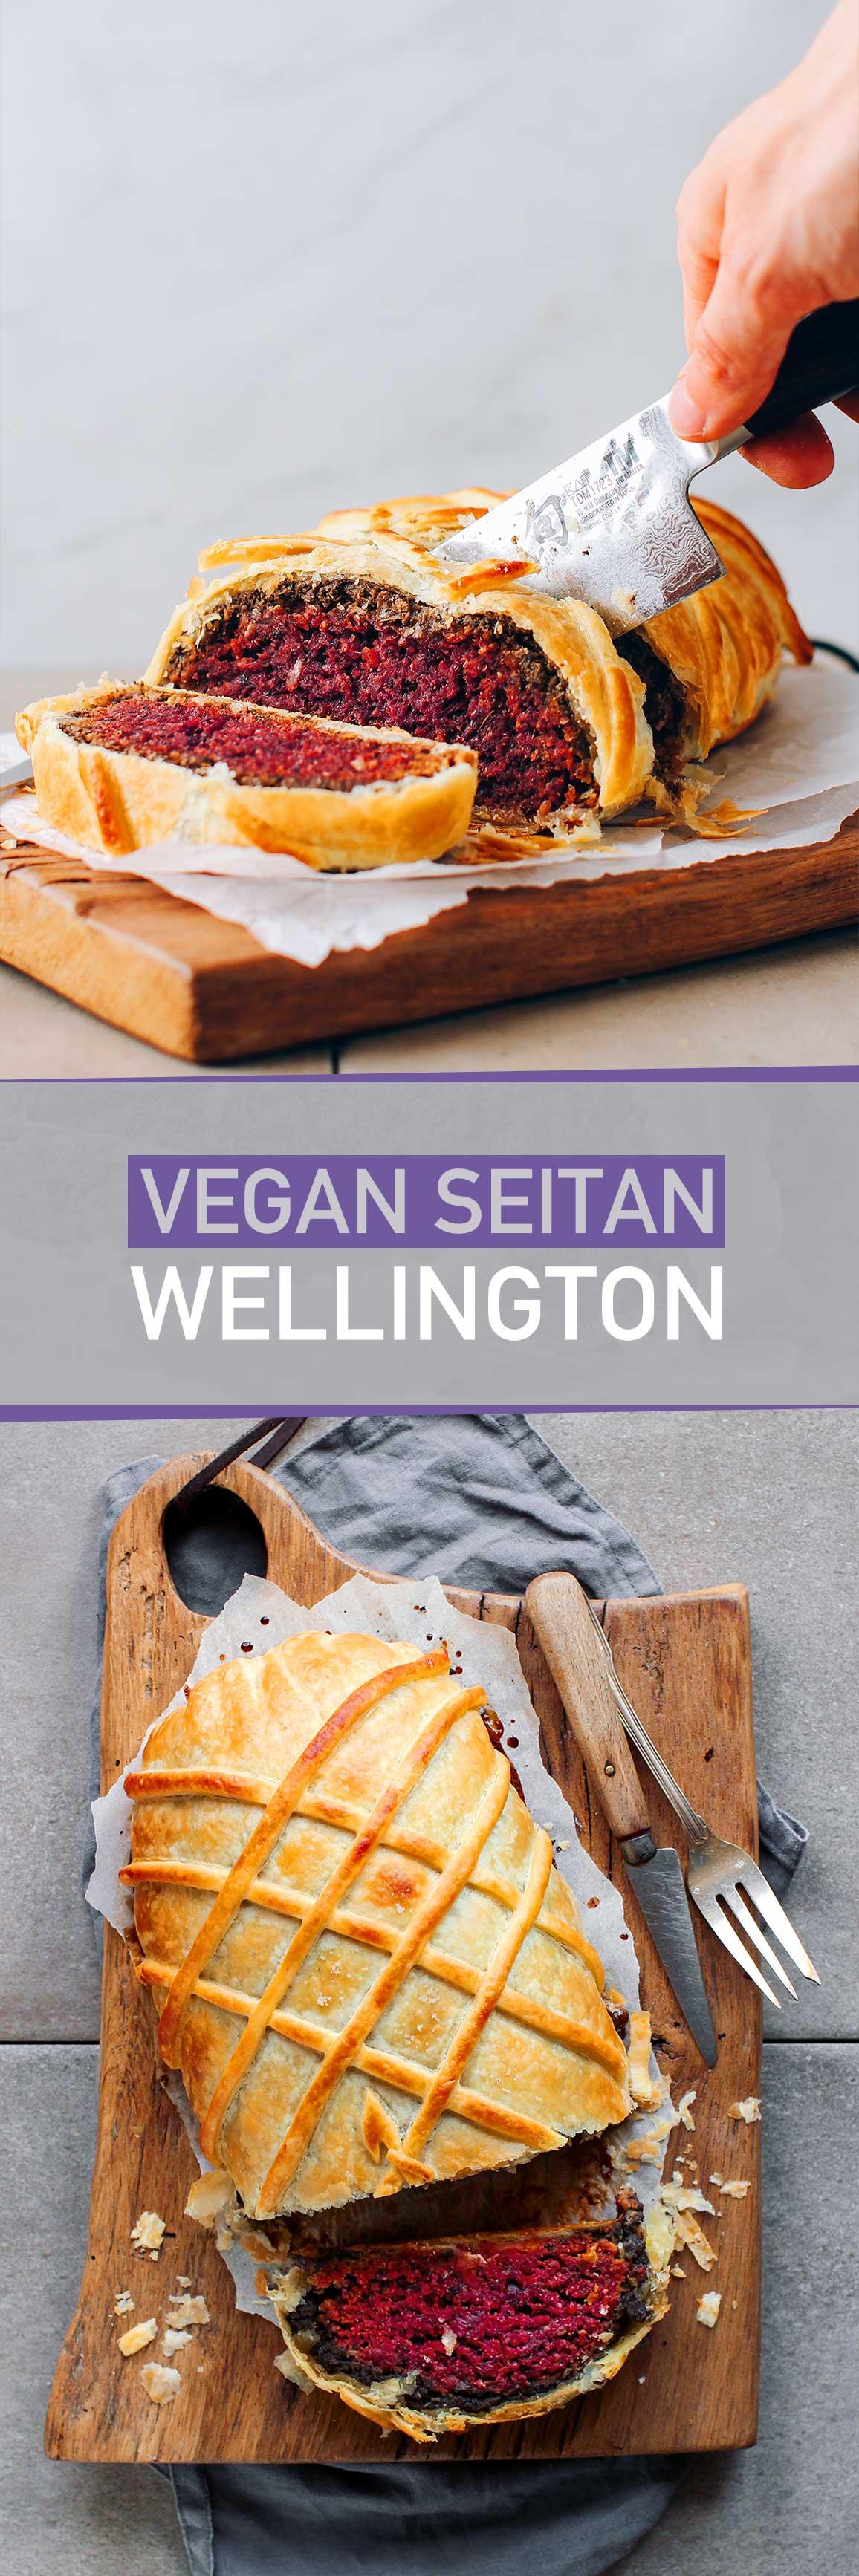 Vegan Seitan Wellington